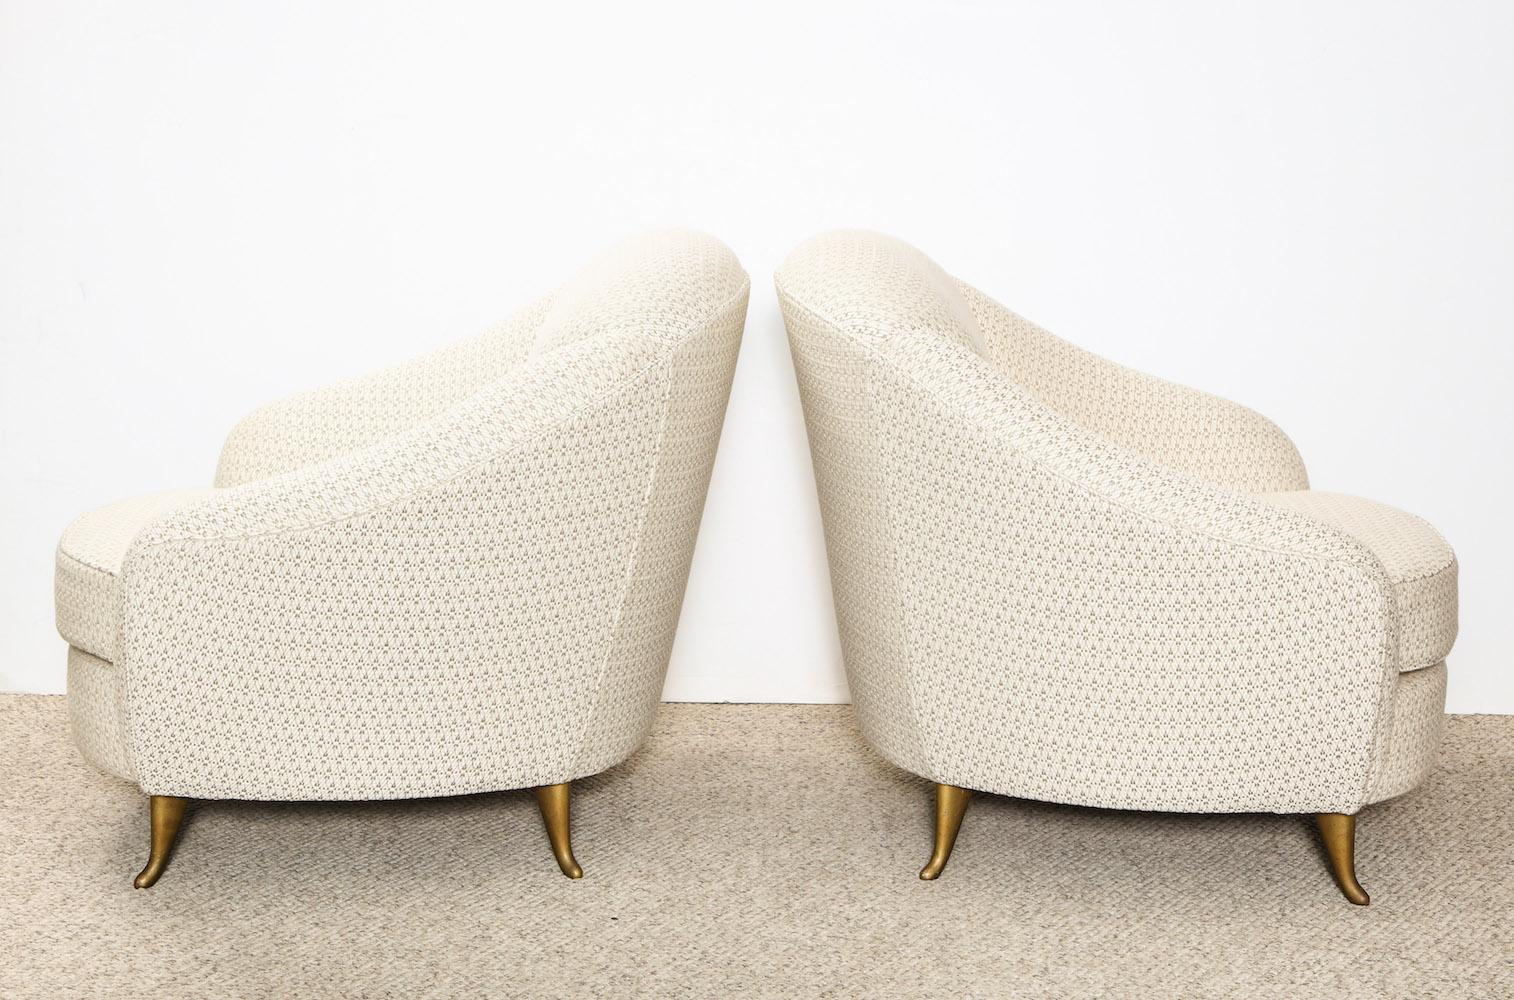 Ponti ISA Chairs 6.jpg